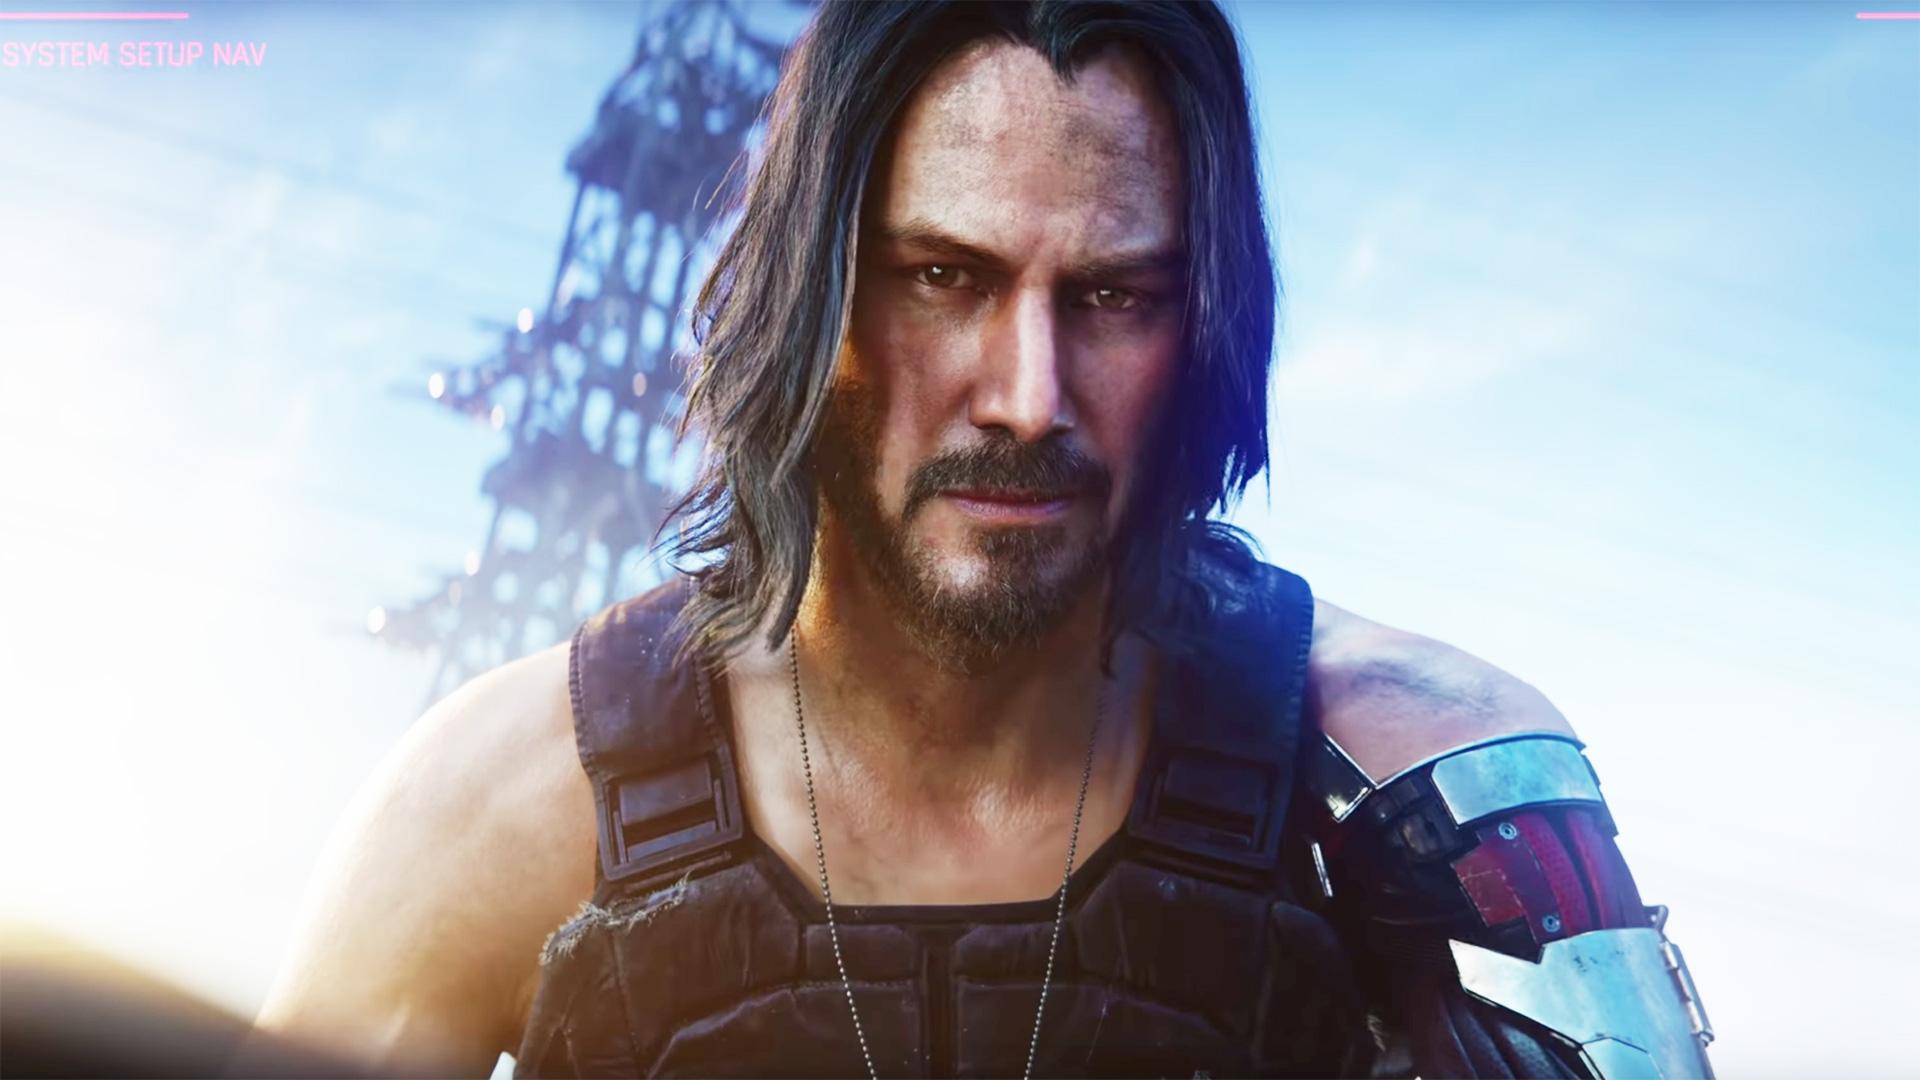 """""""Cyberpunk 2077"""": Todo lo que sabemos de uno de los videjuegos más esperados del 2020"""